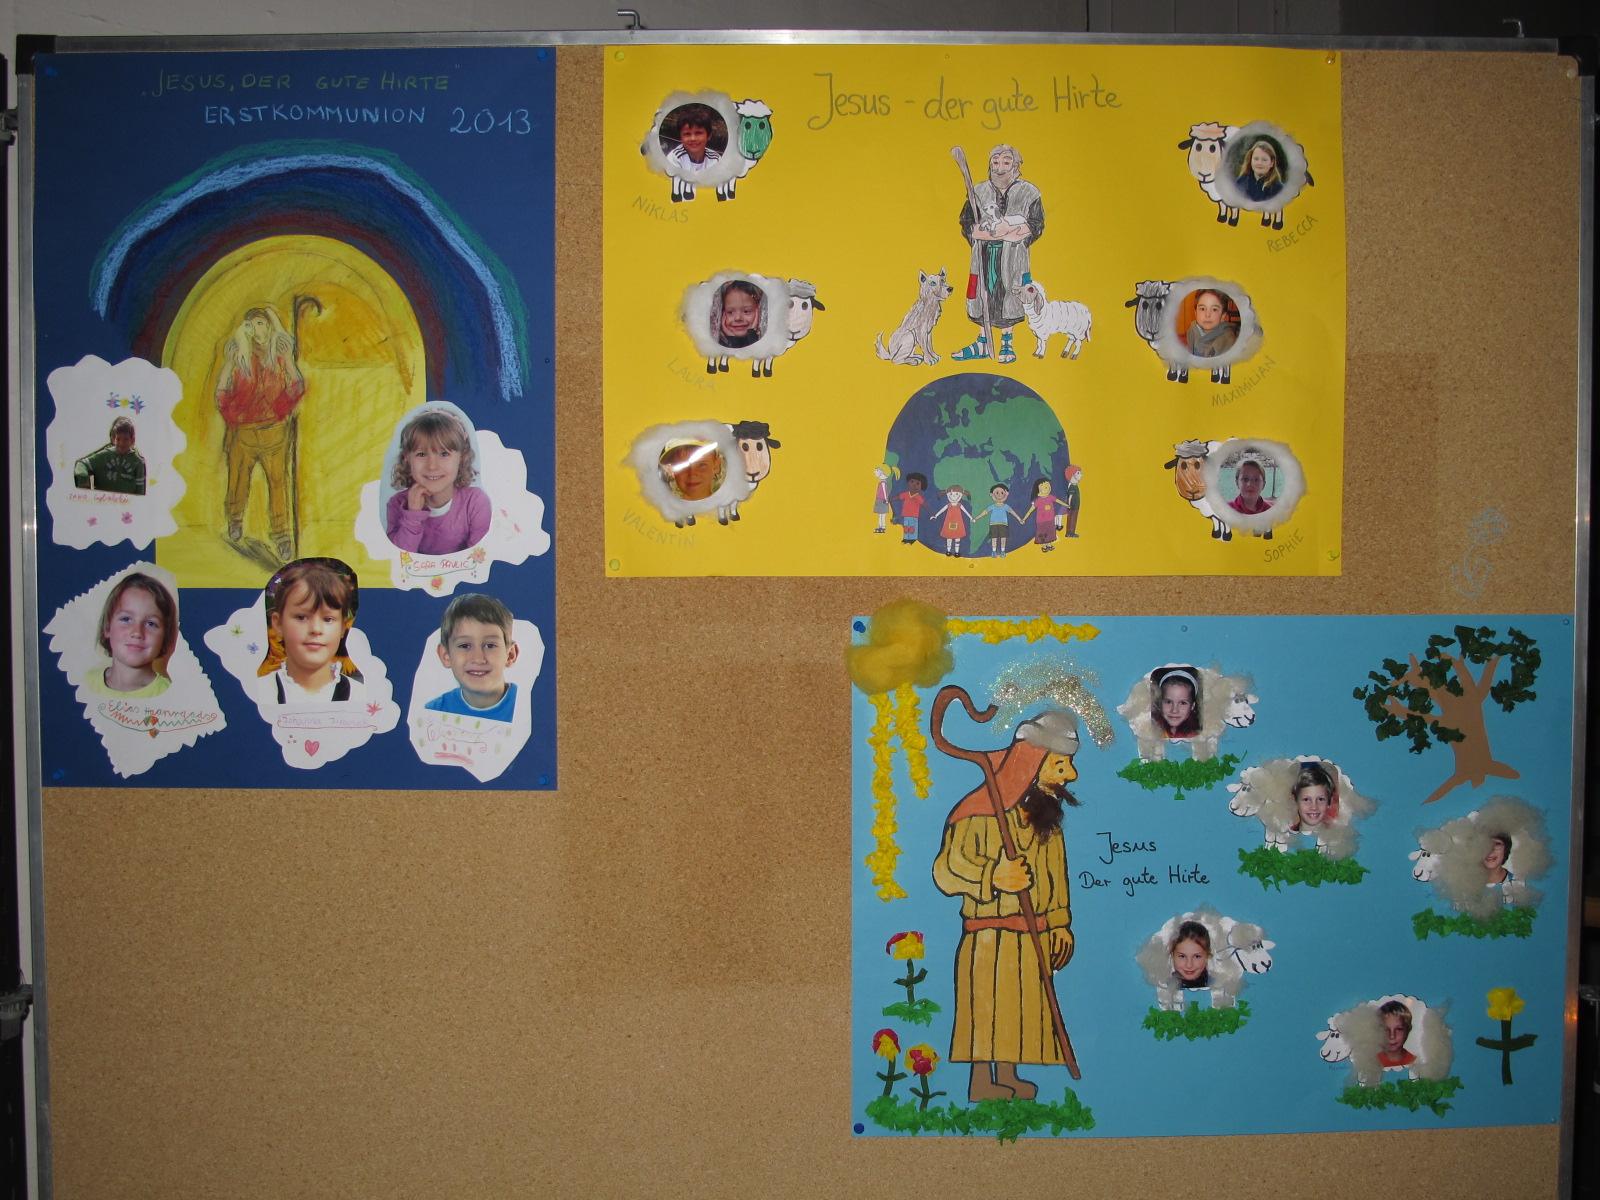 vorstellung kommunionkinder gottesdienst